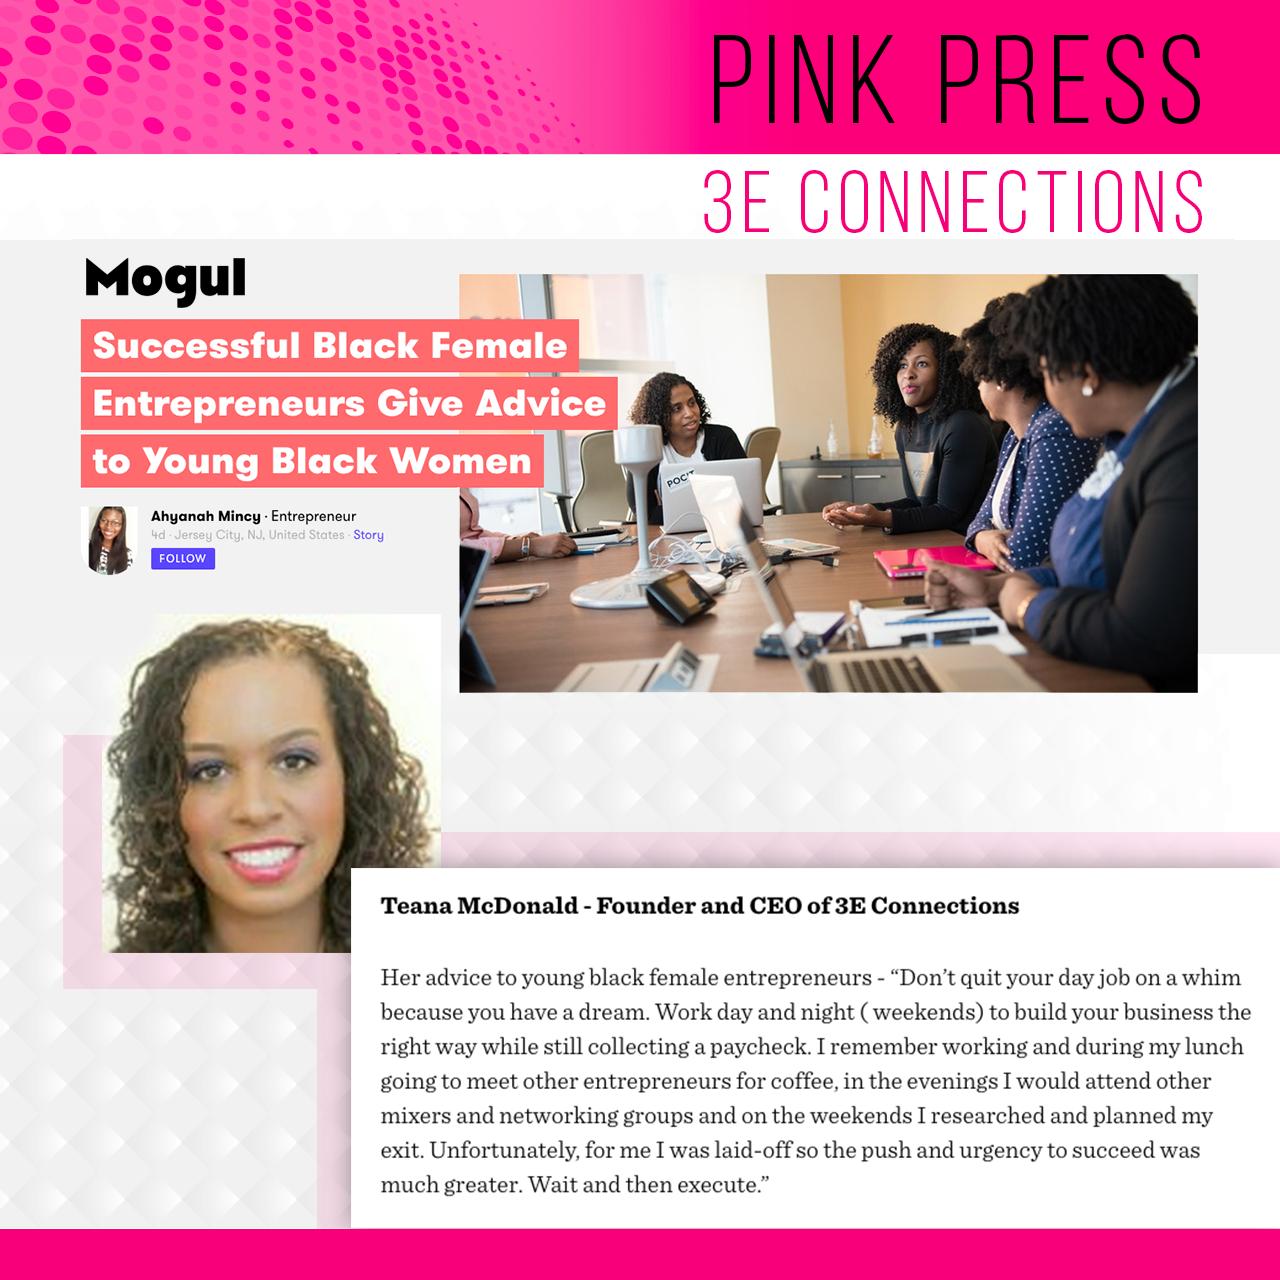 PinkPress_Mogul.png